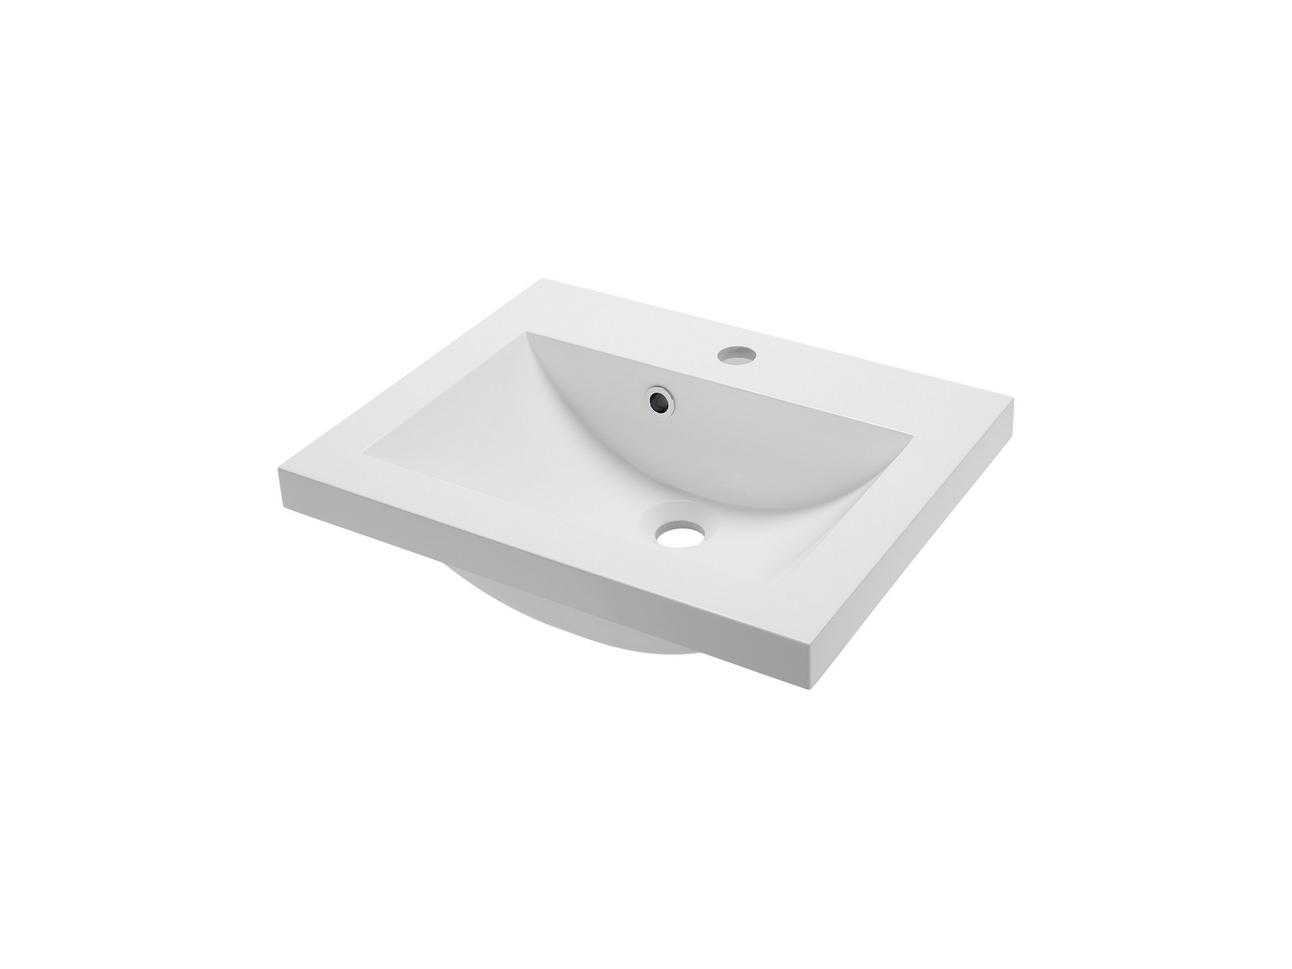 evia 50 mineralguss waschtisch set nach ma mit t r. Black Bedroom Furniture Sets. Home Design Ideas